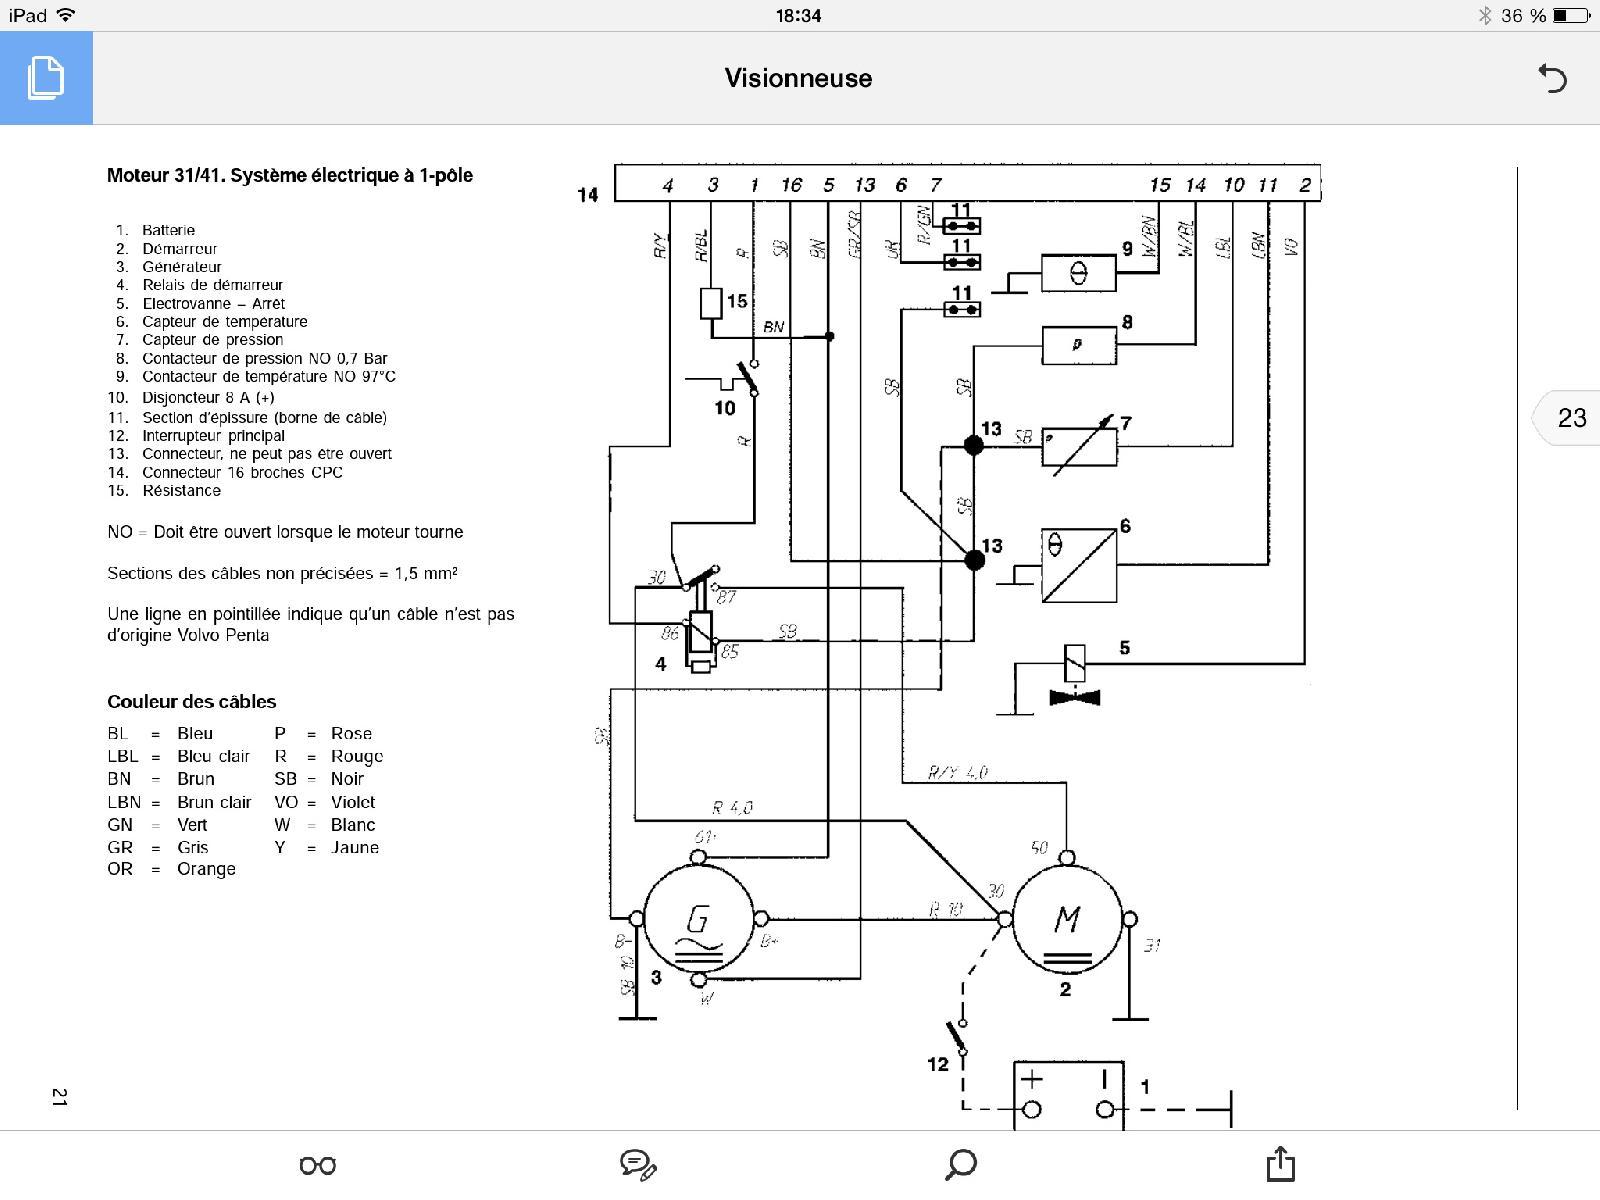 volvo schema moteur electrique bateau